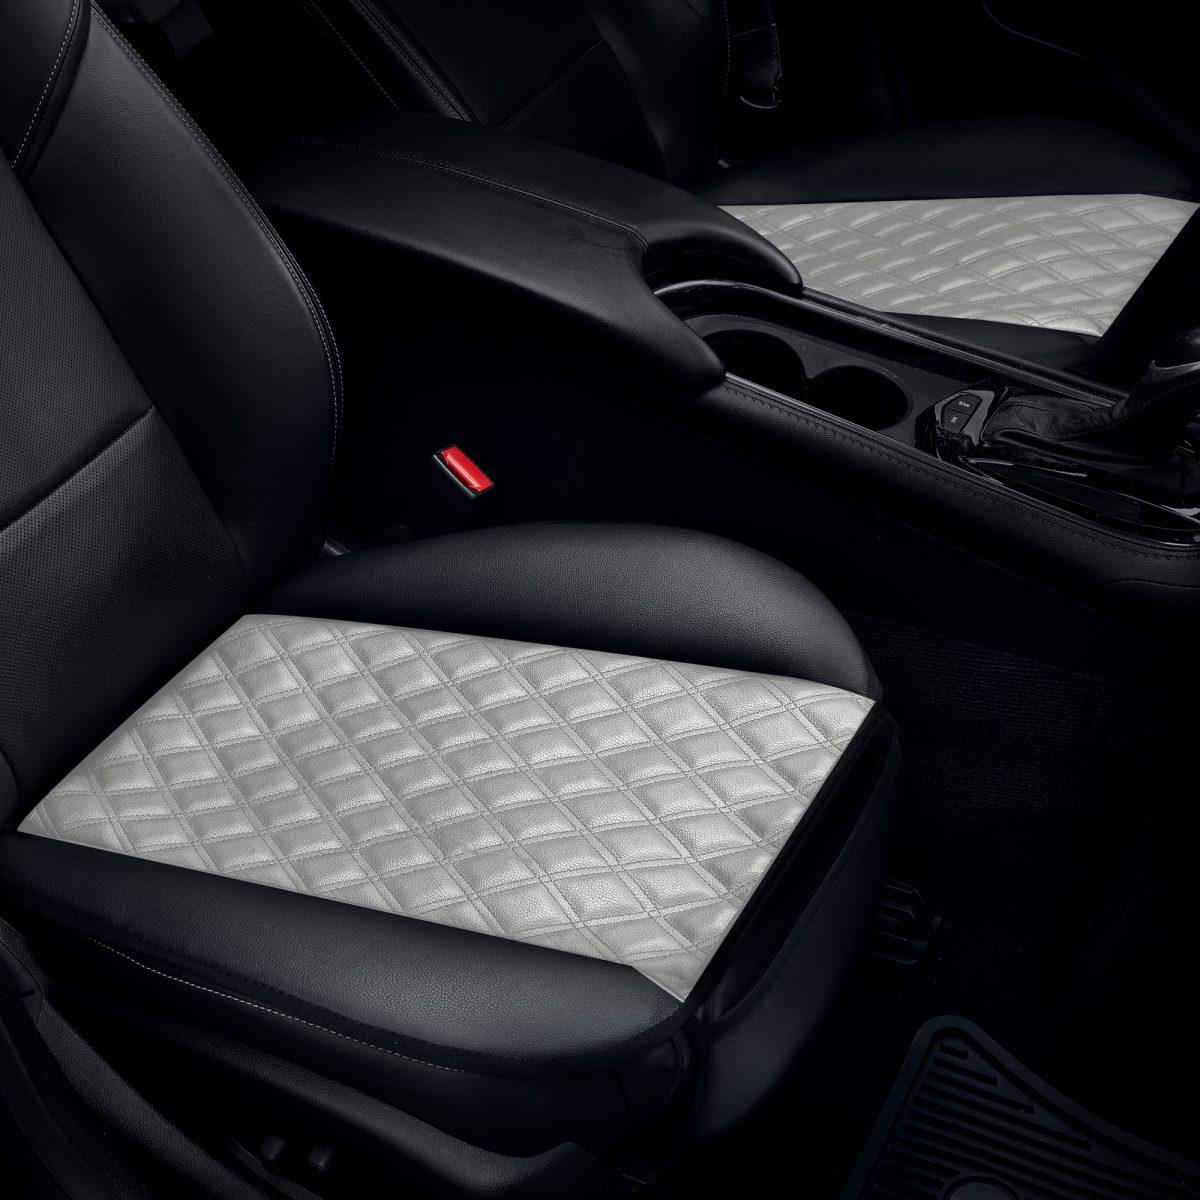 PU211102 gray seat cushion pad